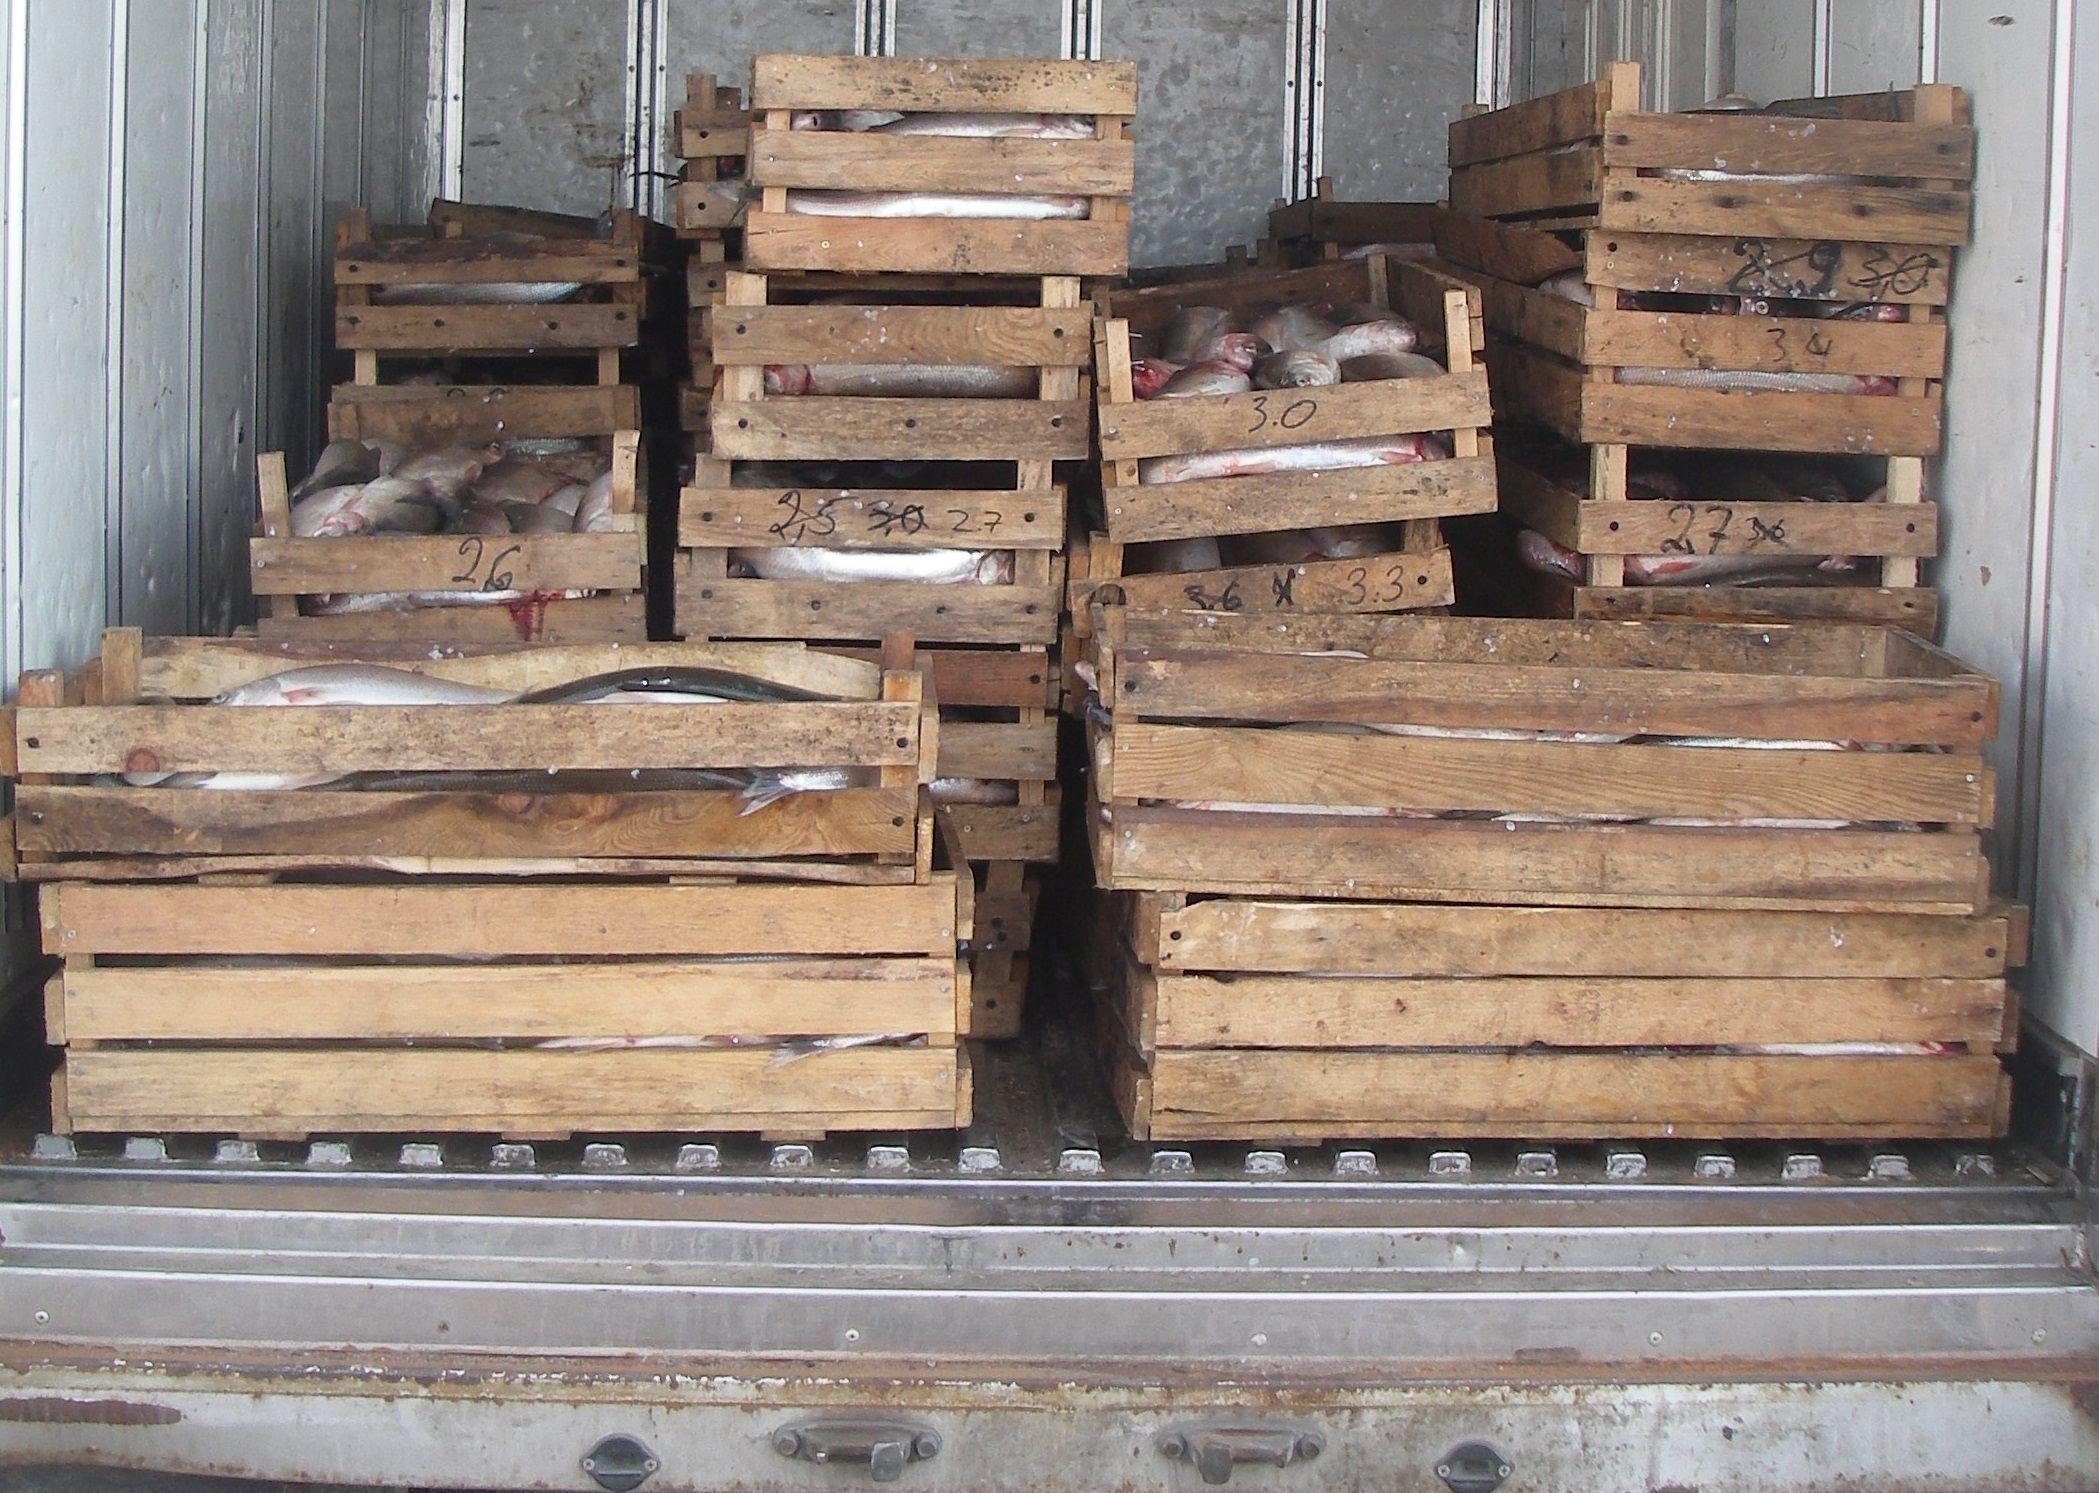 Факты транспортировки северной рыбы и бразильской свинины с нарушениями выявили в рамках рейда в Норильске